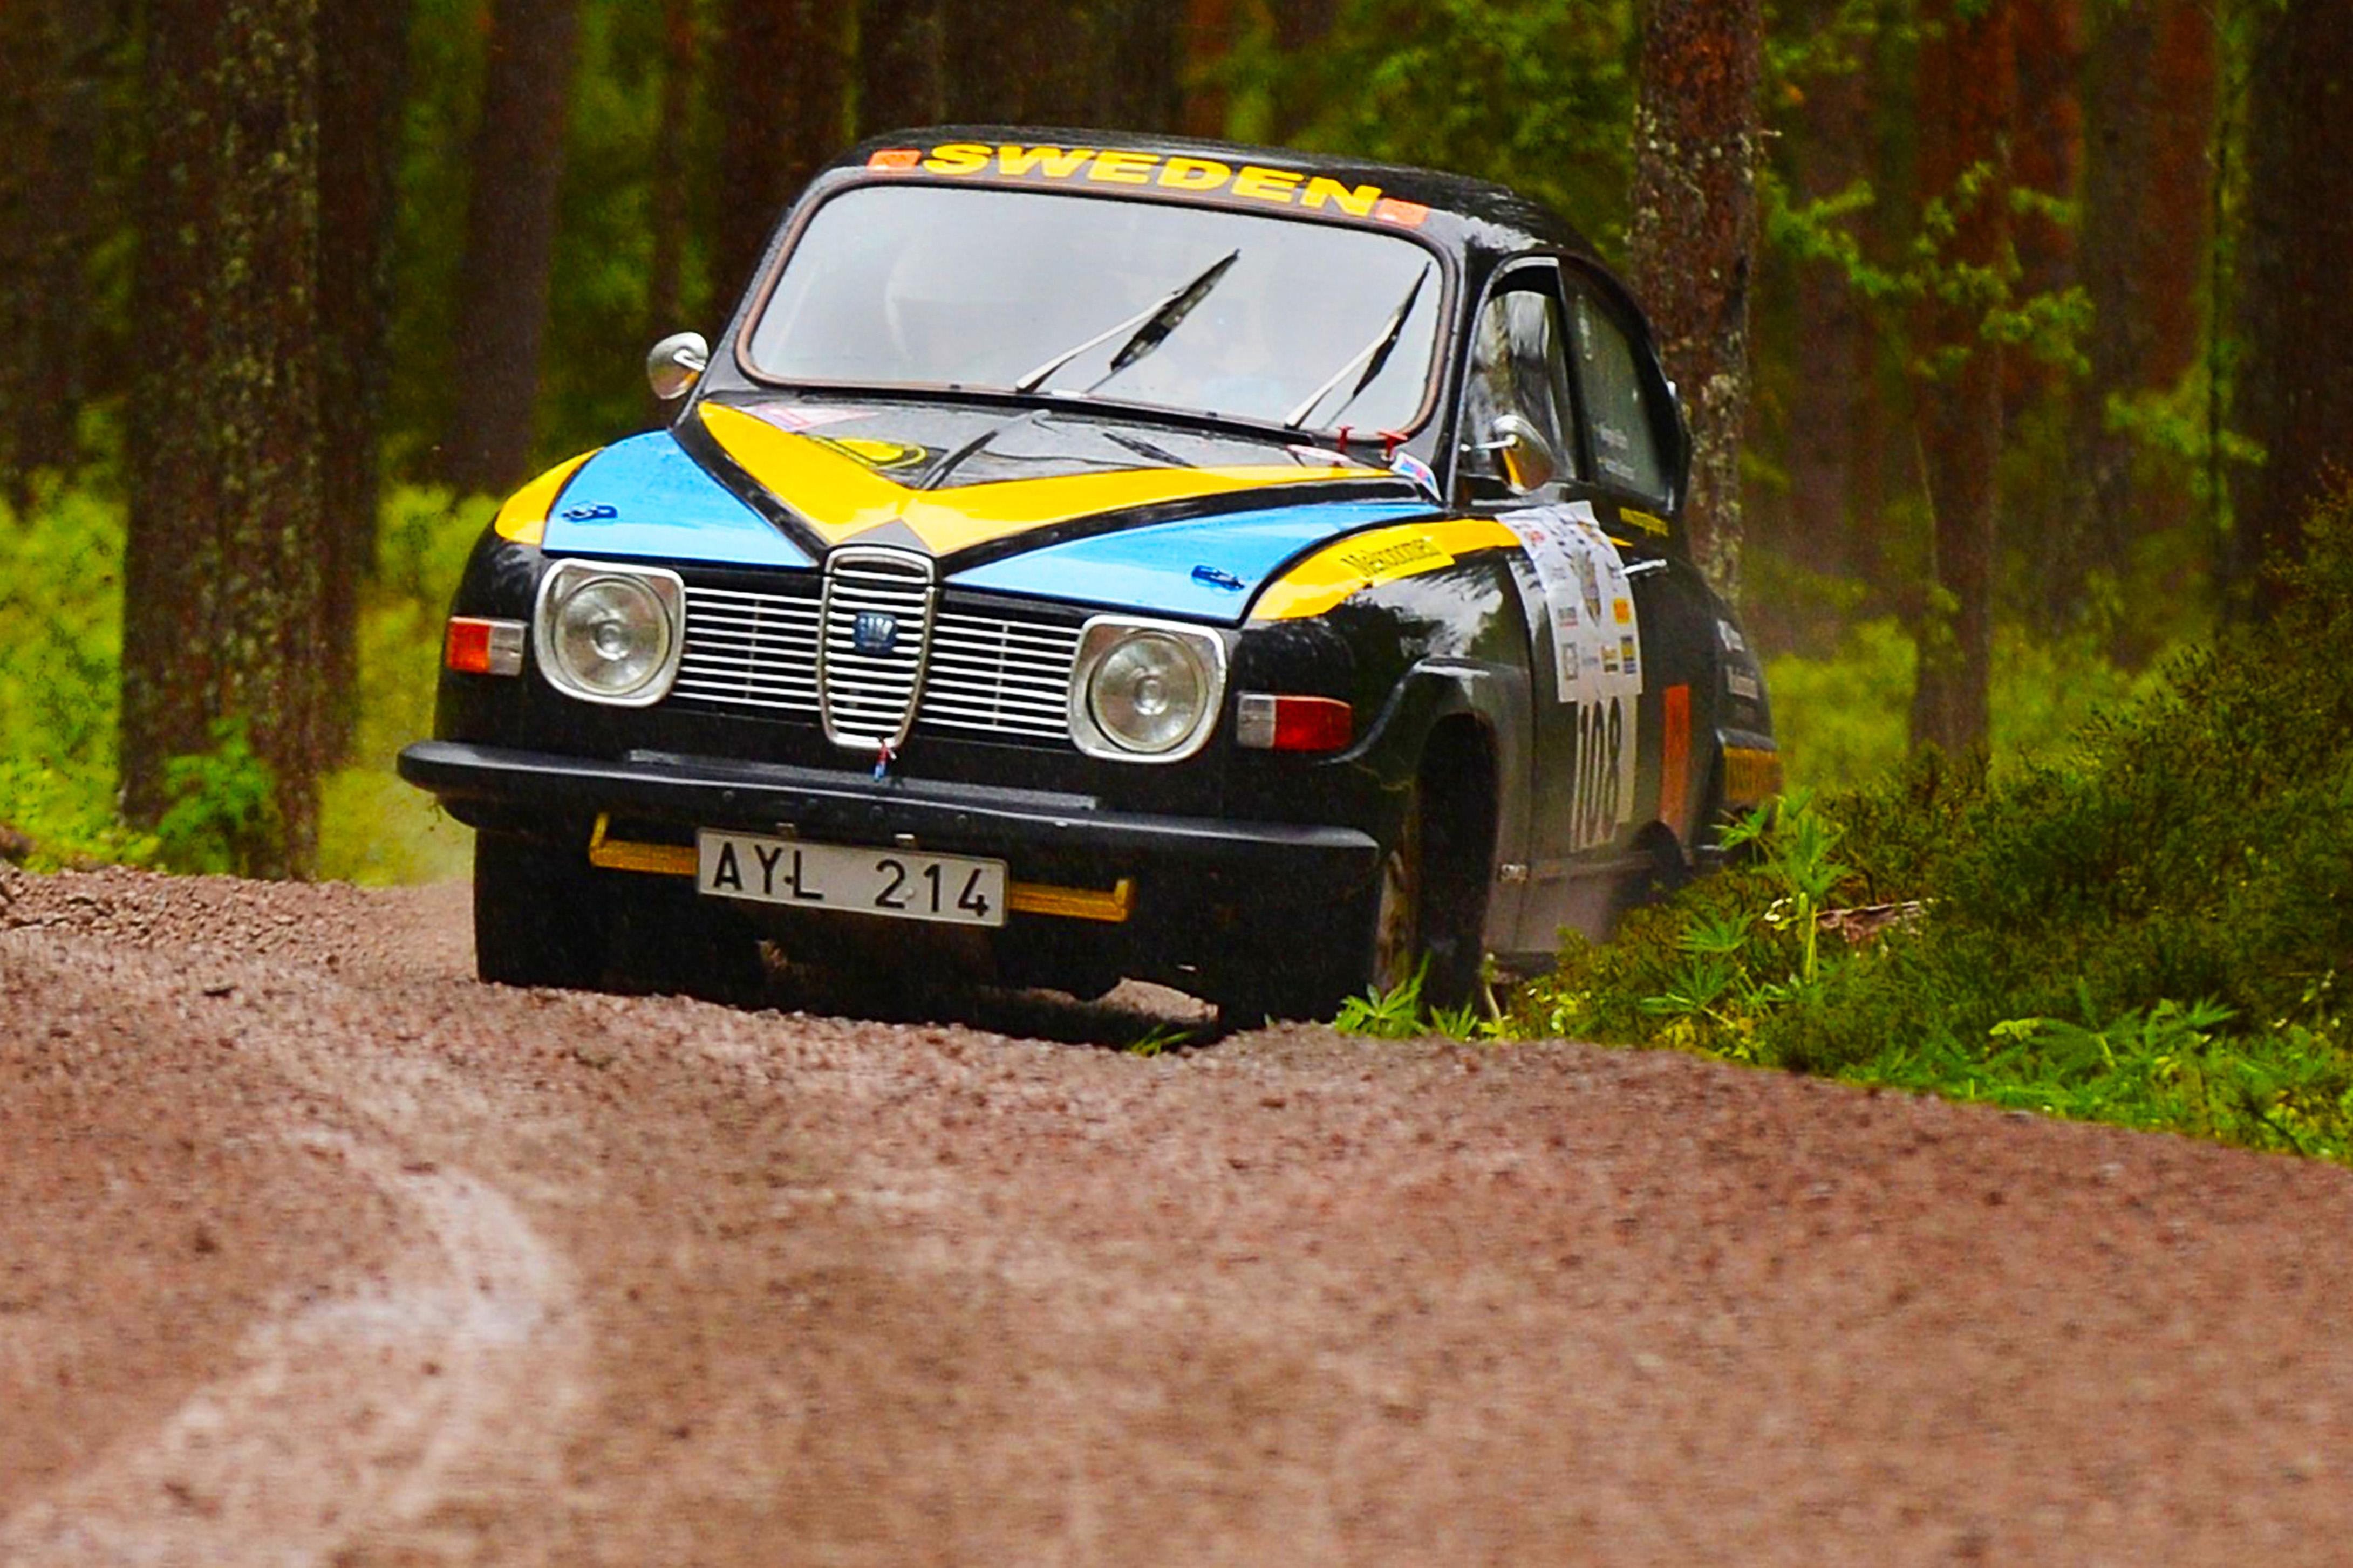 Foto: Johannes Ericsson, www.emotorsport.se